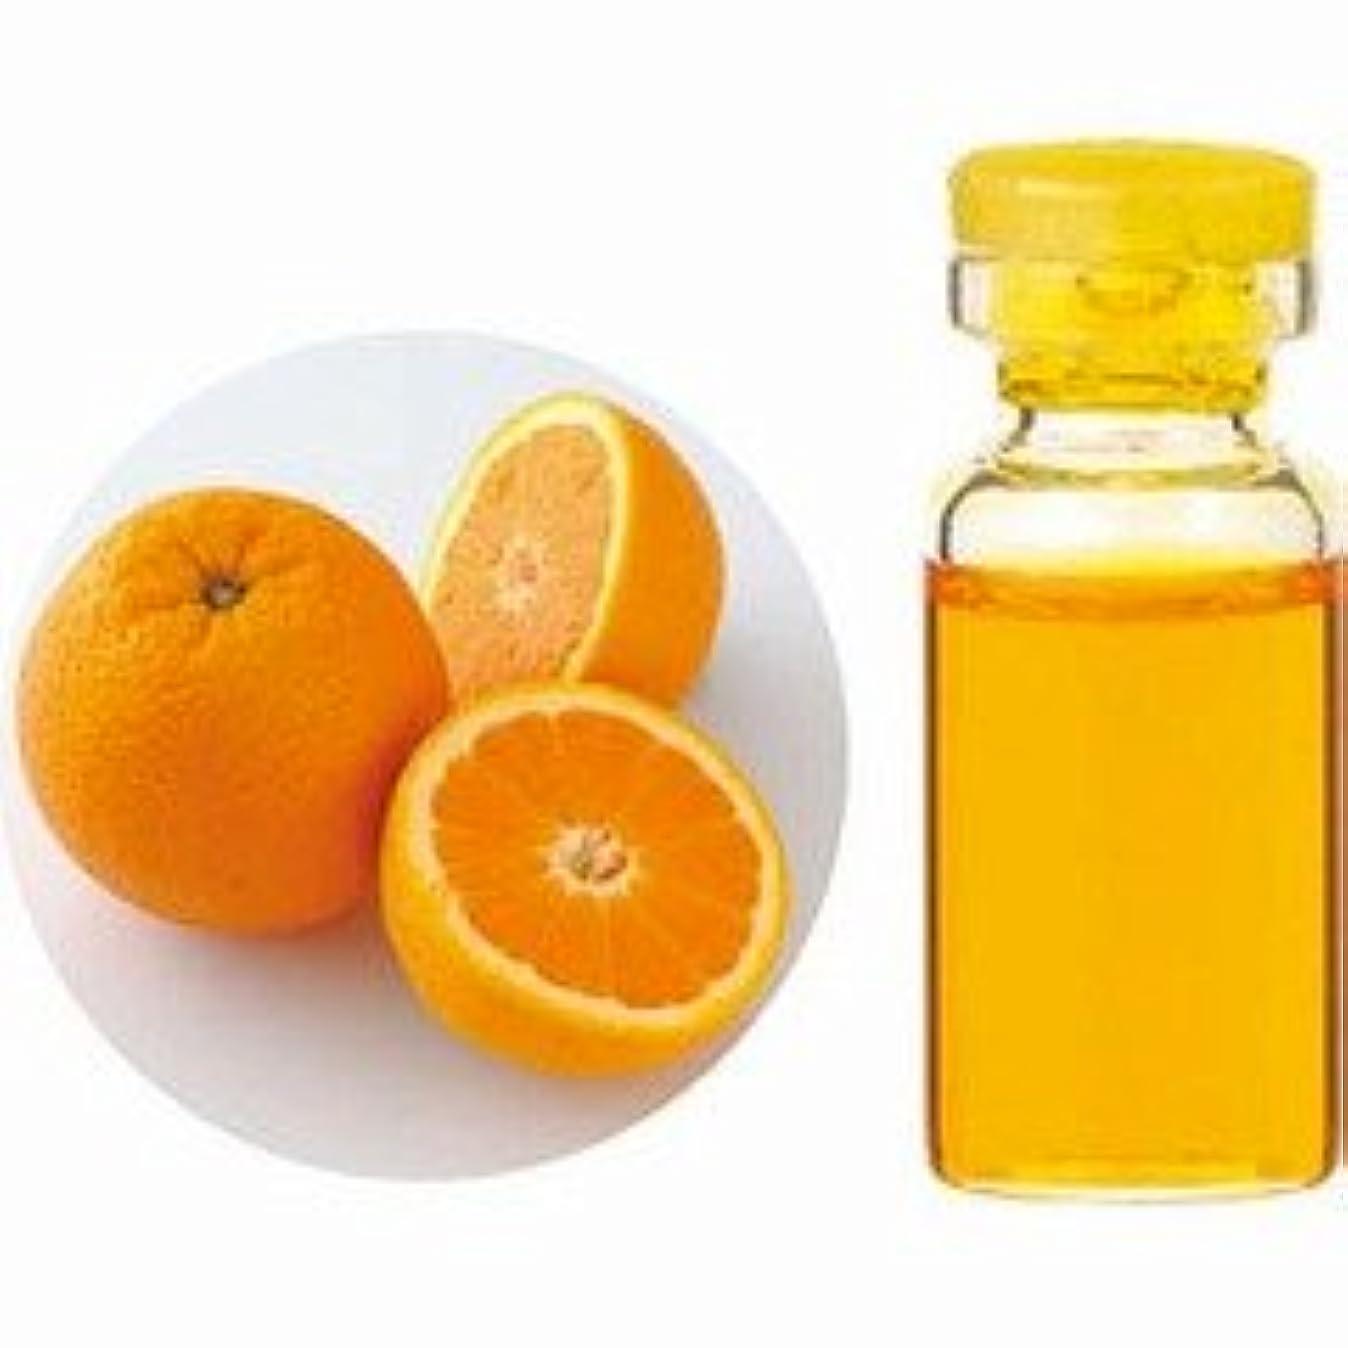 触覚アナウンサーレタッチエッセンシャルオイル(精油) オレンジスイート 10ml 【生活の木】